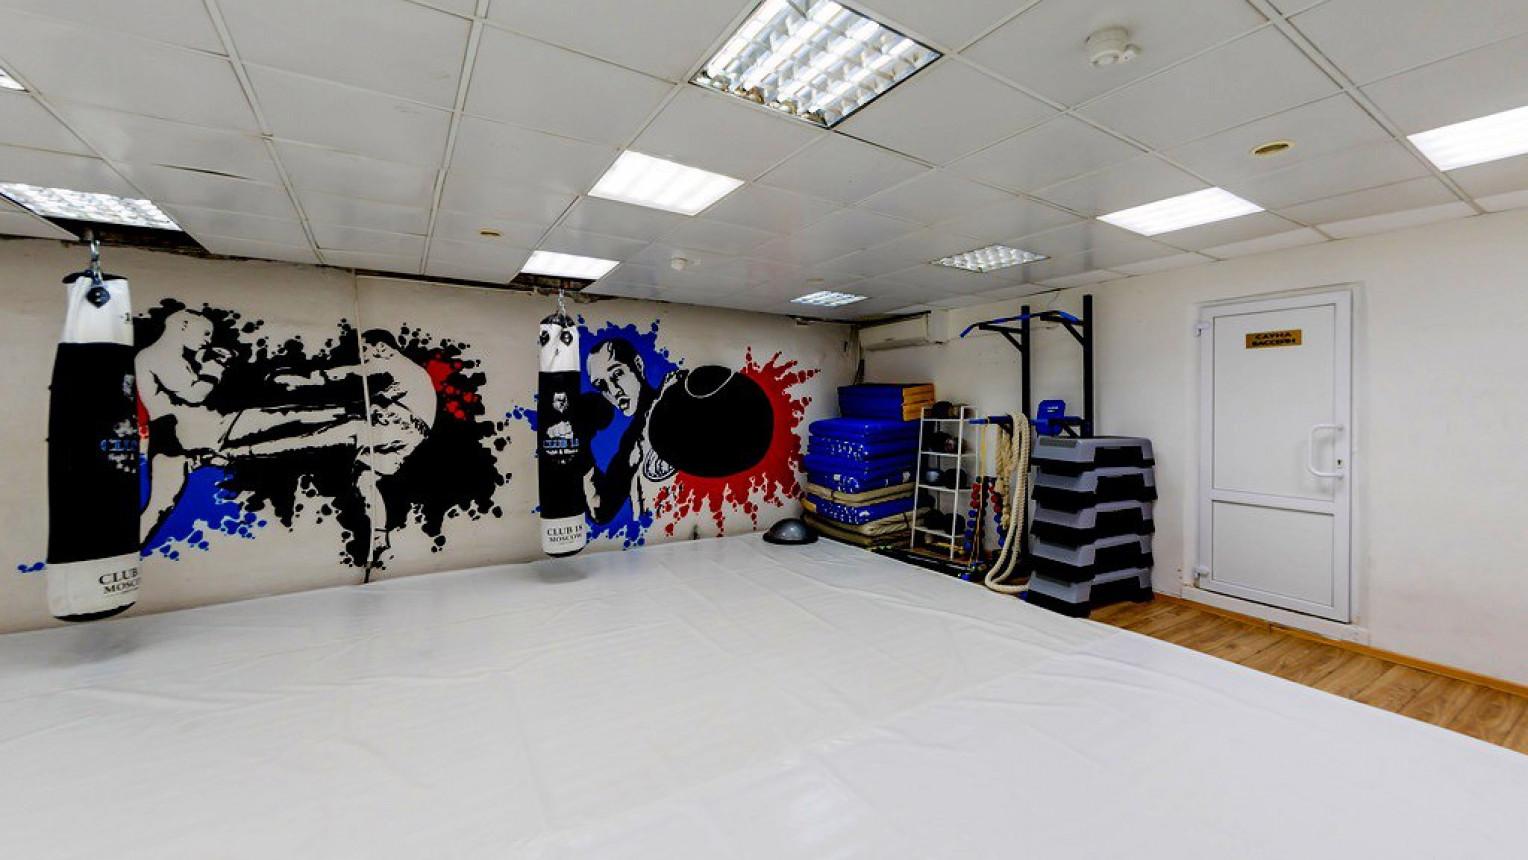 Мягкий зал №3 боевых искусств - фото №1